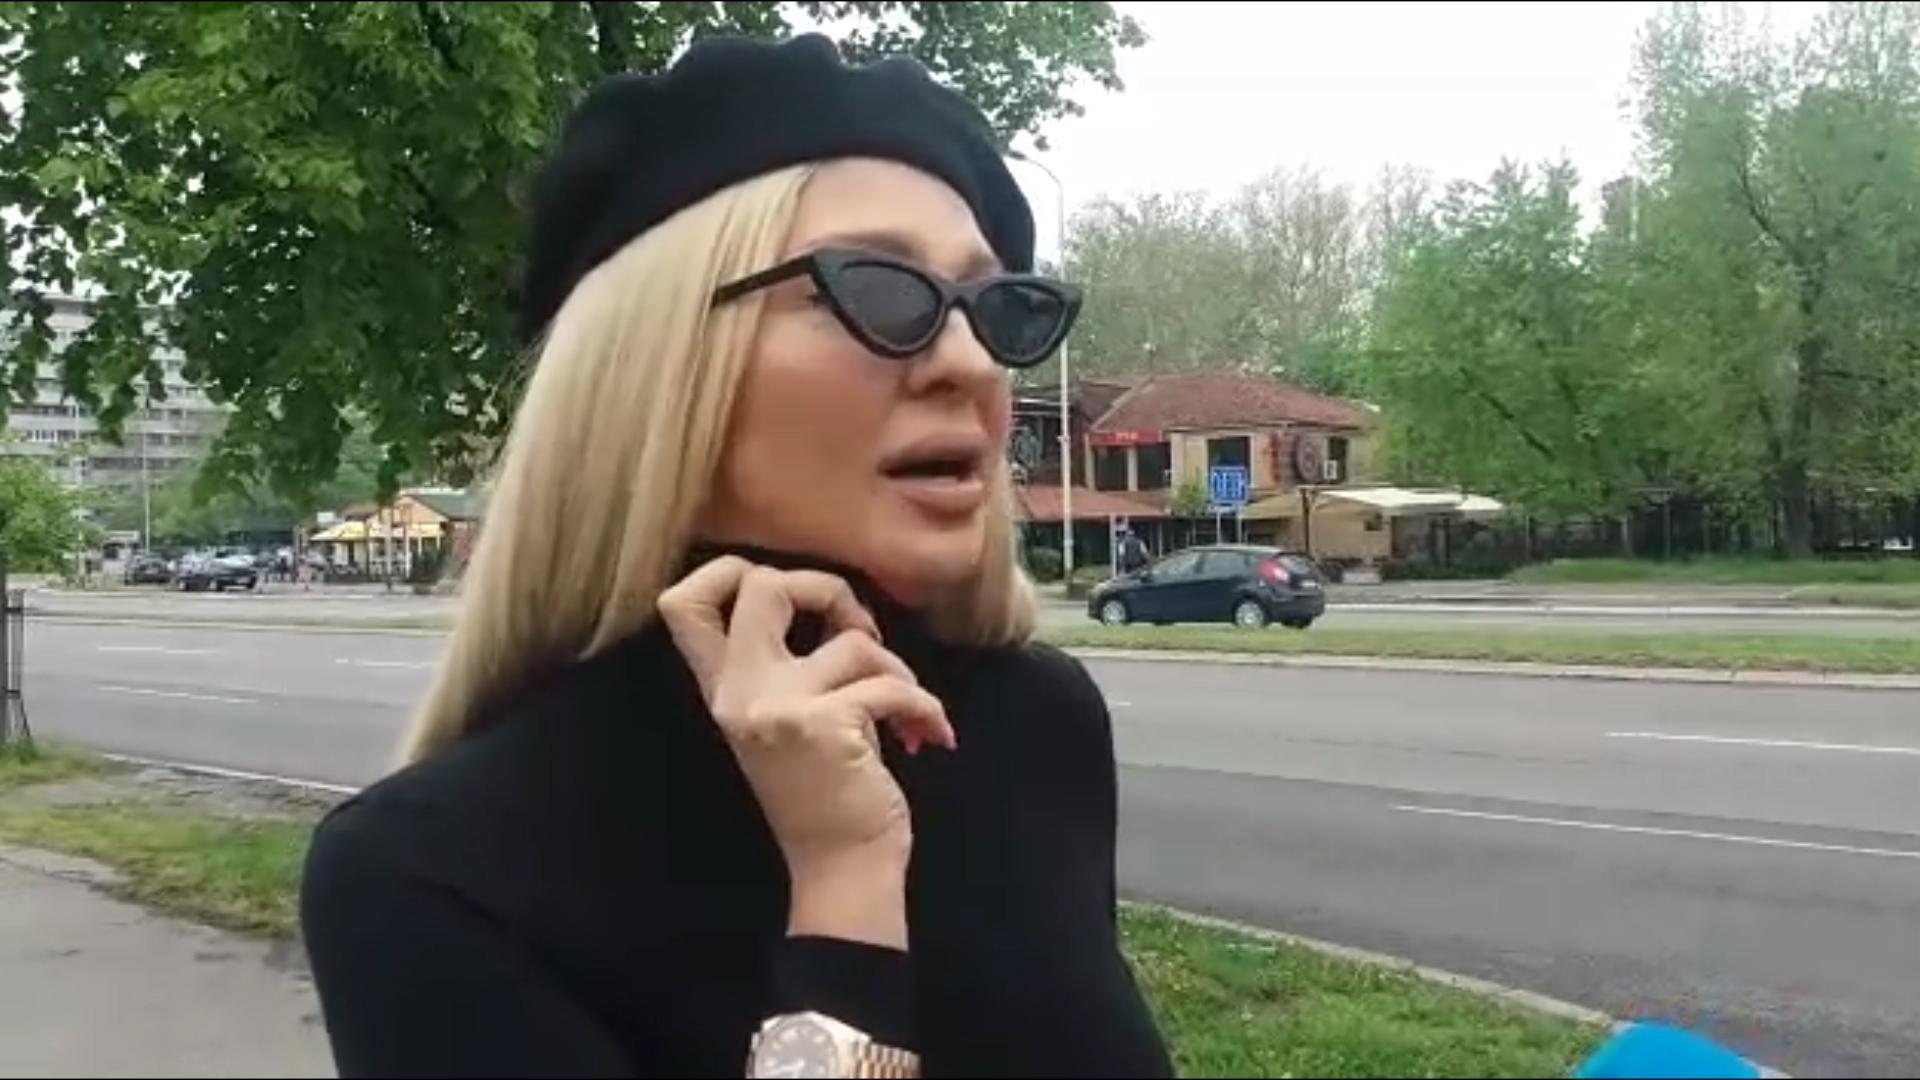 Jelena Karleuša posle suđenja sa Cecom: Ja sam protiv svakog oblika nasilja  - Telegraf.tv